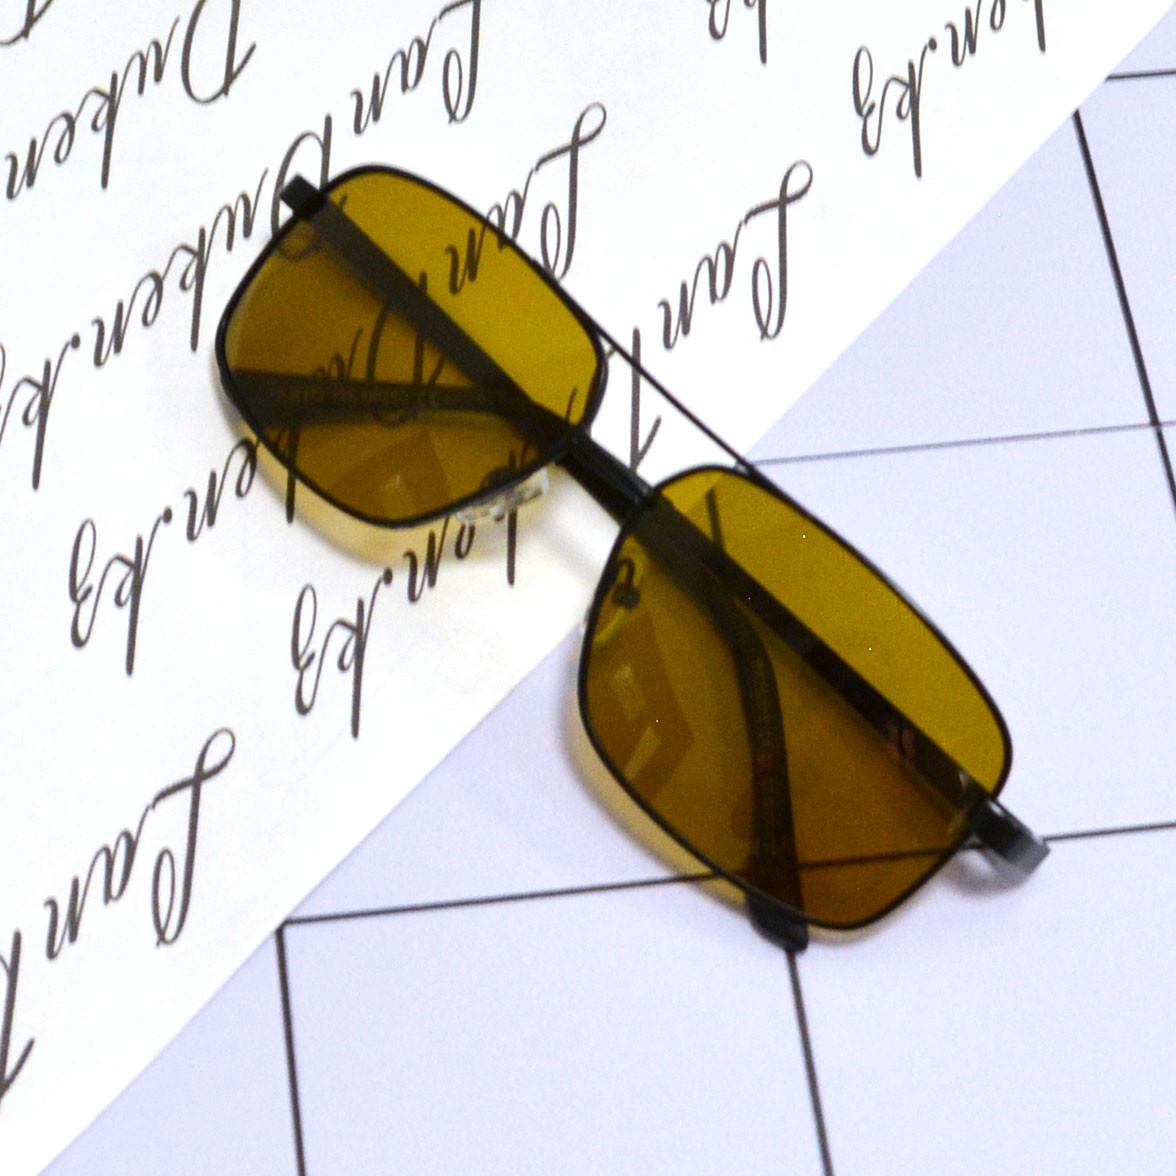 Солнцезащитные поляризационные очки ПОЛАРОИД UV400 тонкая сдвоенная оправа коричневые стекла АВТО PX16119 - фото 8